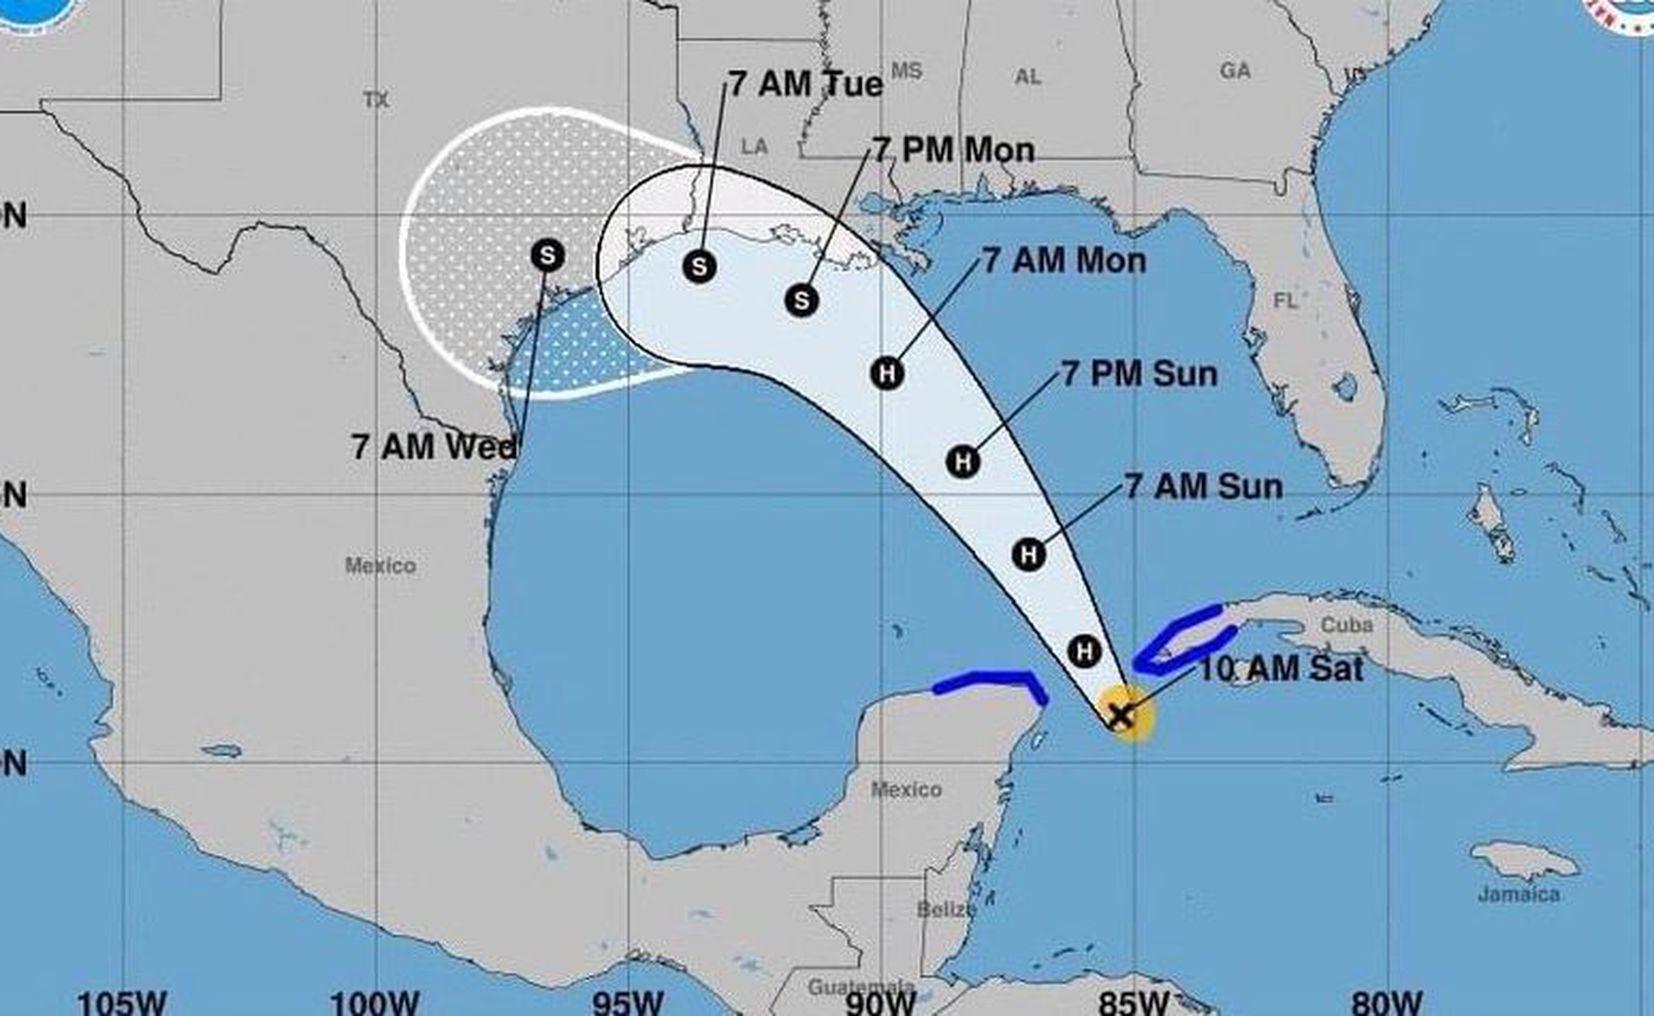 Tormenta Tropical 'Marco' afectará a Quintana Roo, Yucatán y Campeche